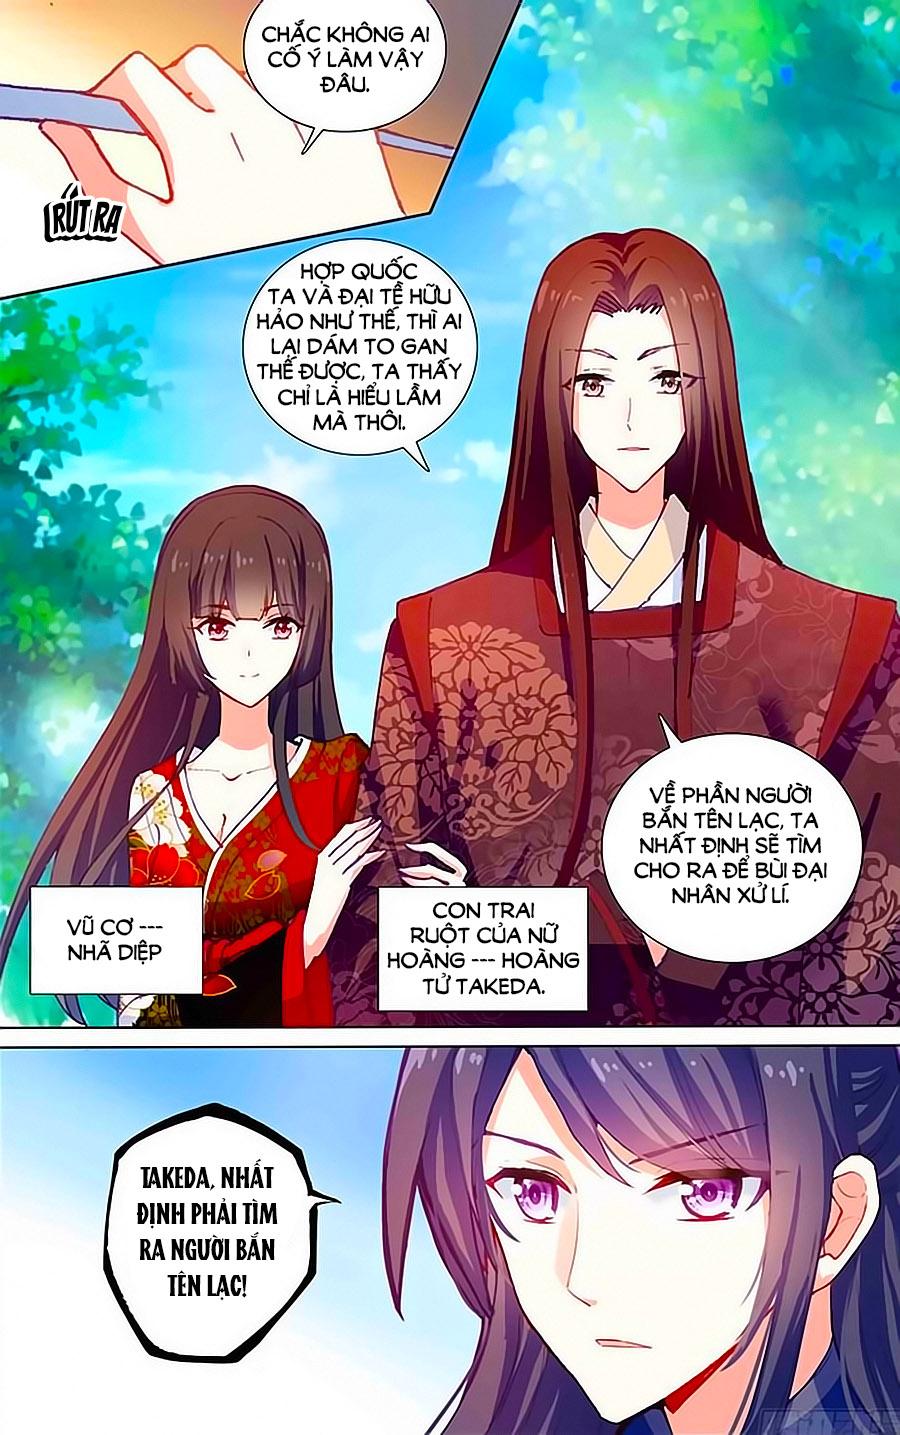 Lưu Niên Chuyển - Chap 21.2